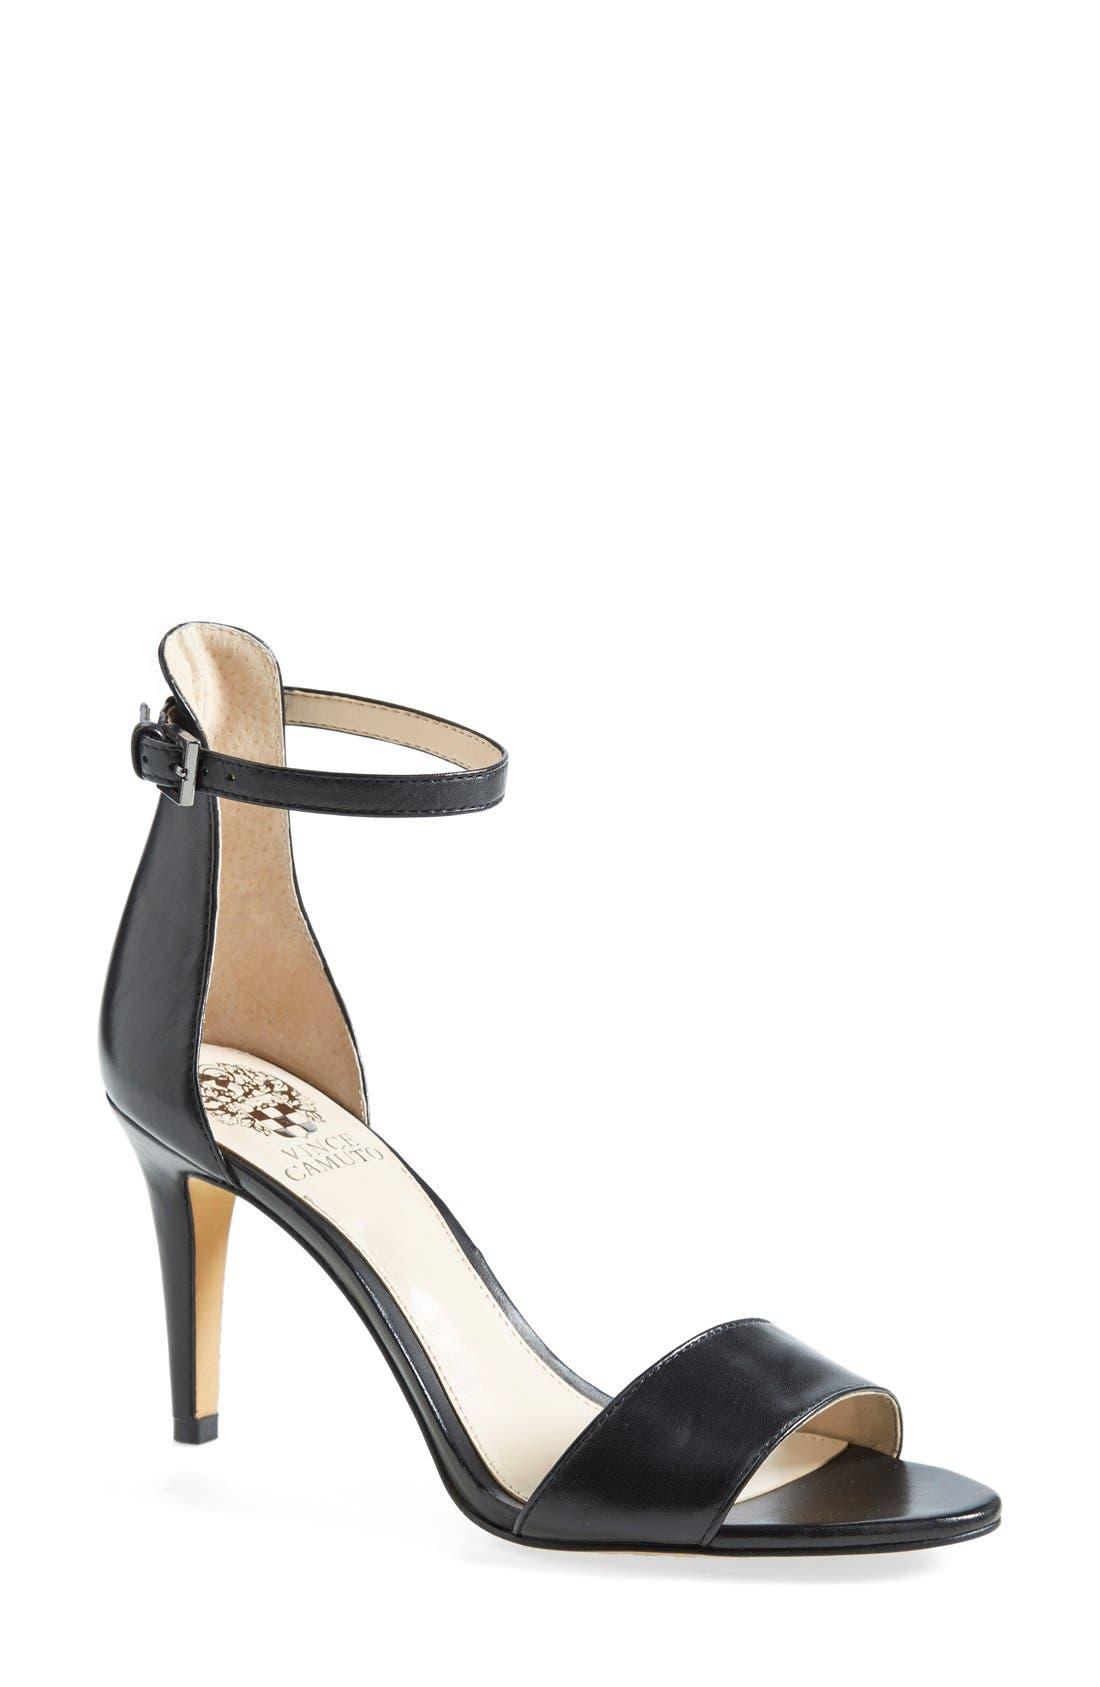 'Court' Ankle Strap Sandal, Main, color, 001